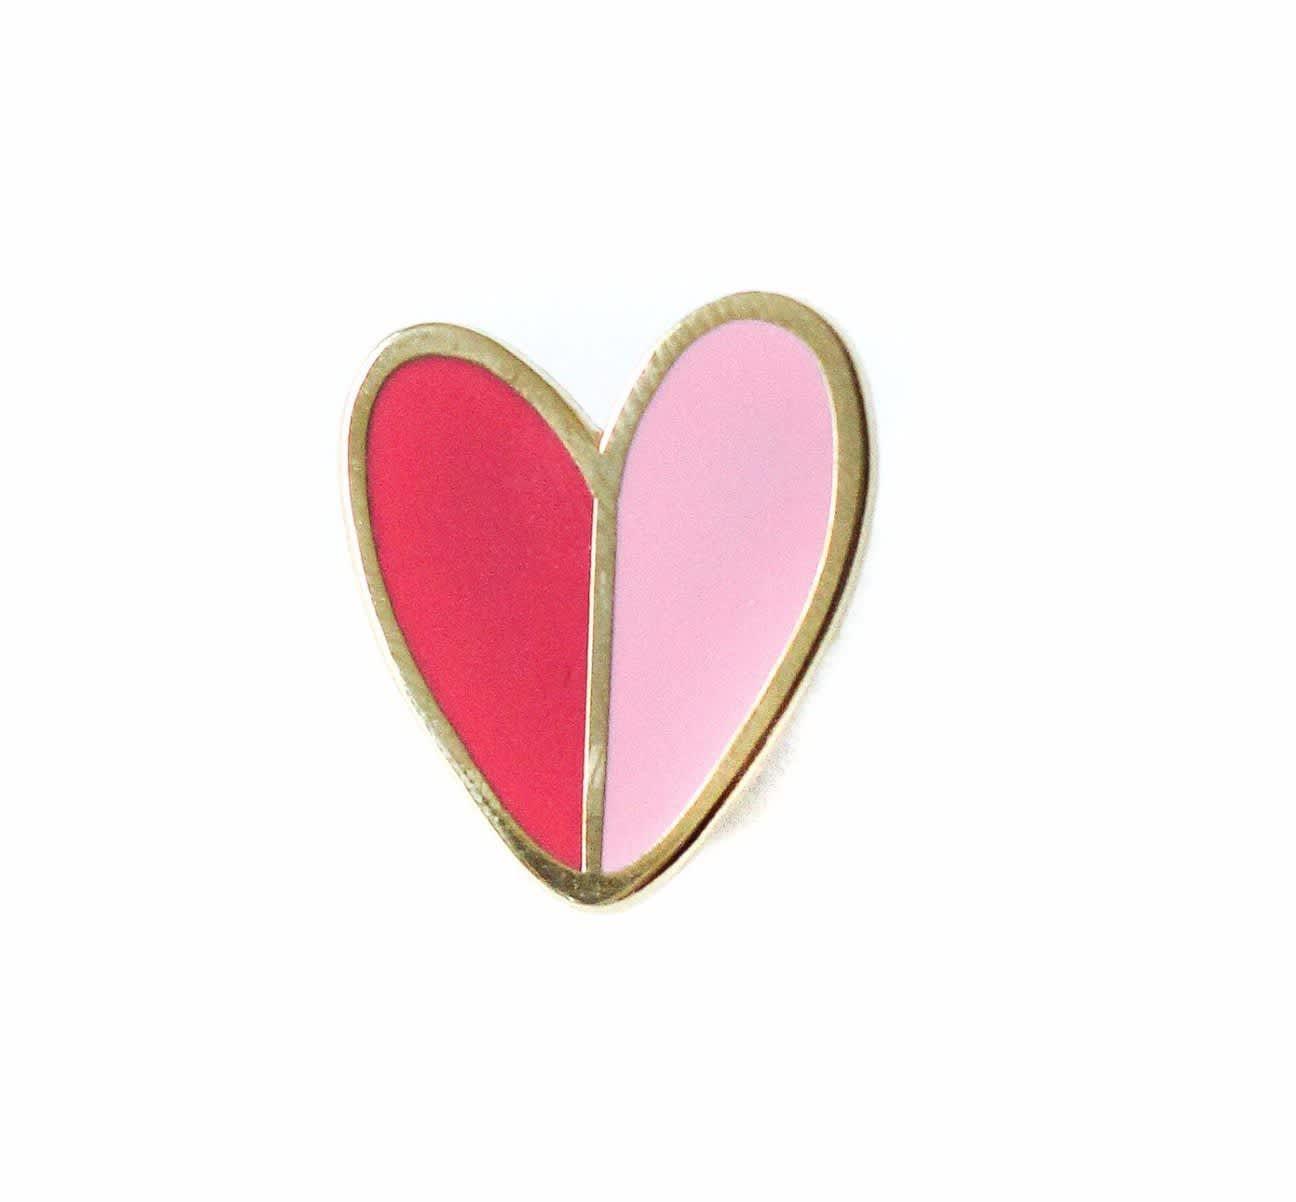 Mod Heart Enamel Pin Typo Market